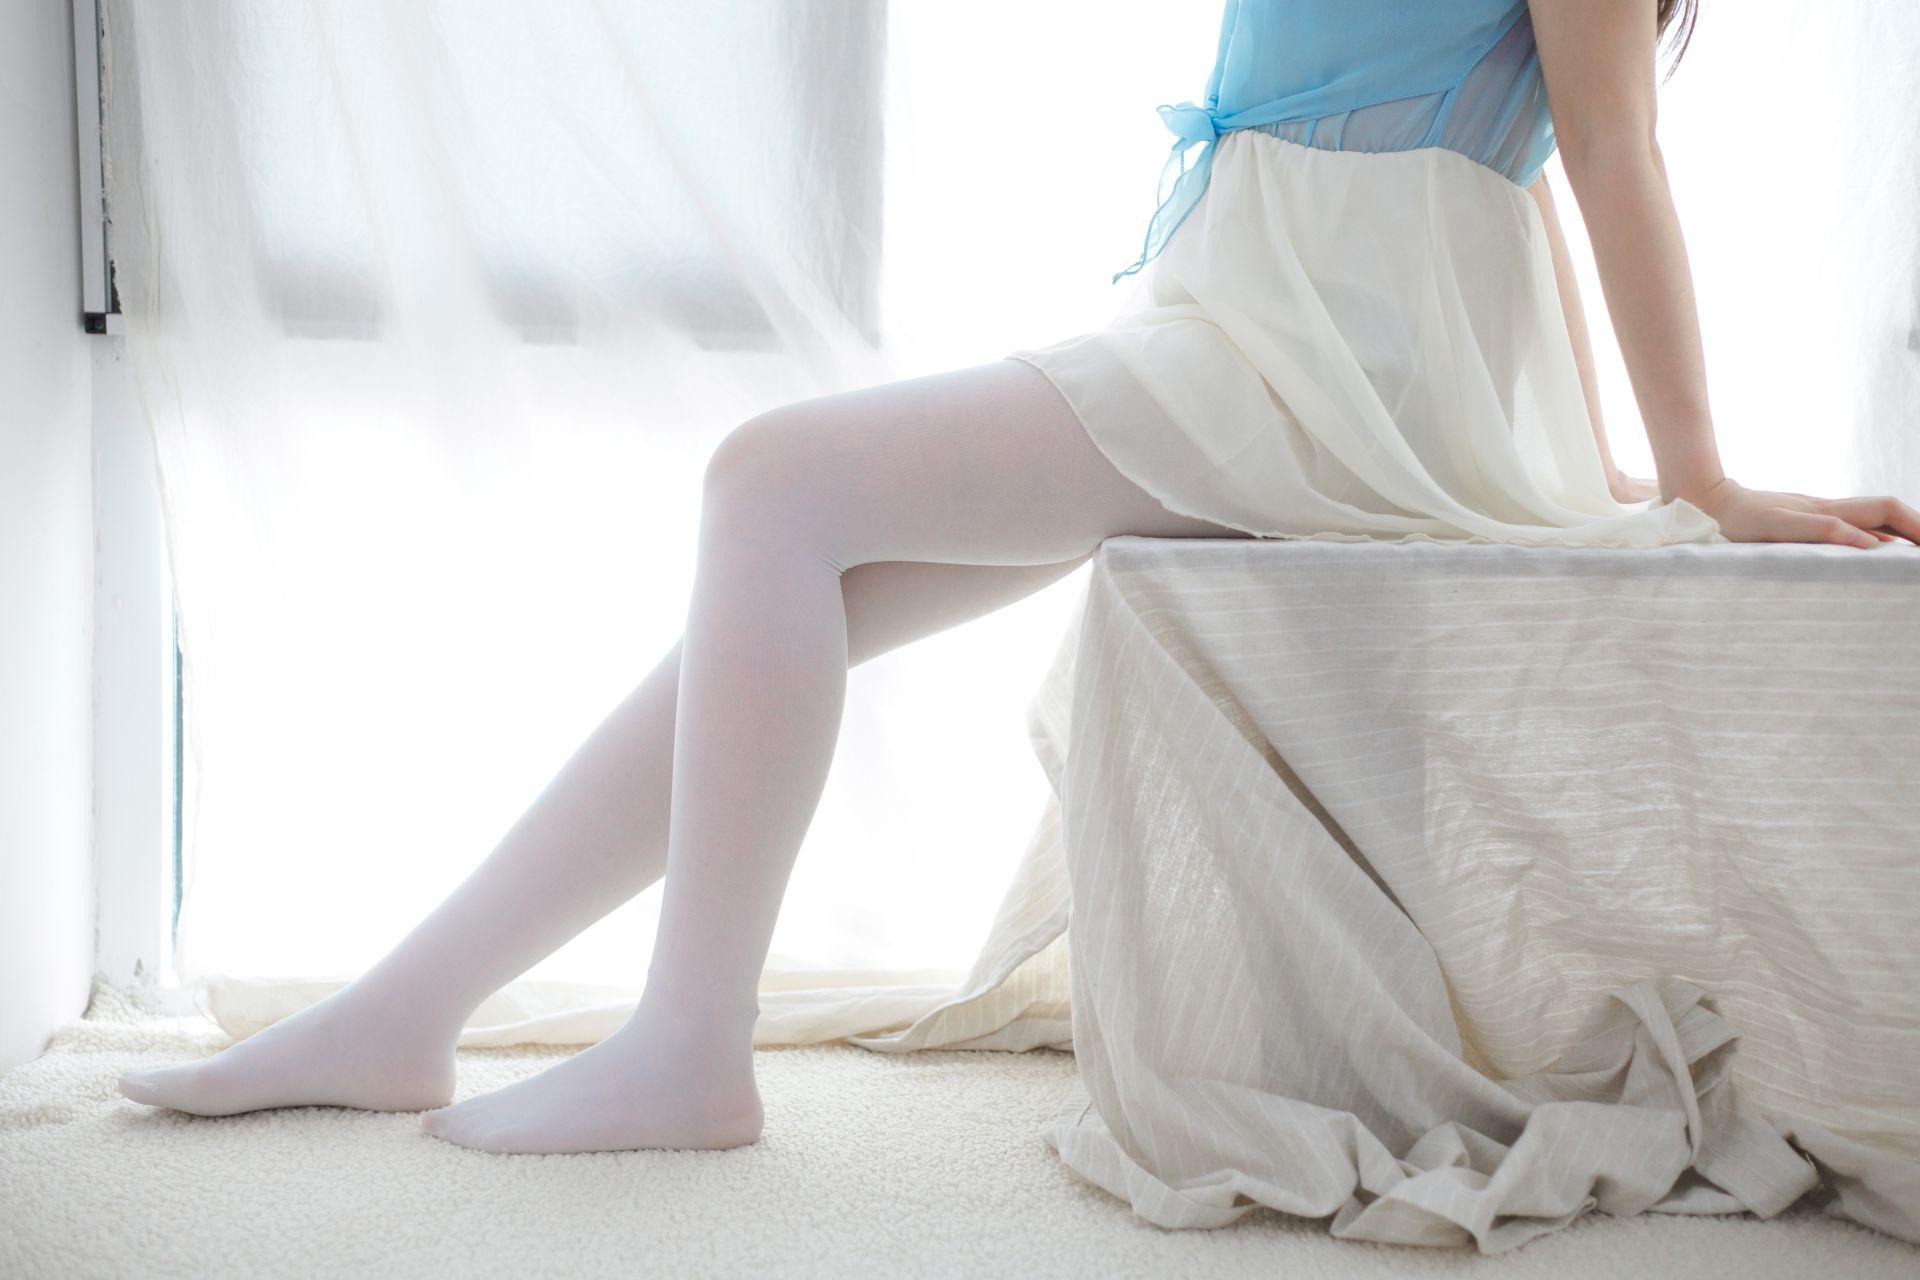 少女秩序 VOL.015 超薄丝袜的质感 兔玩映画 第7张